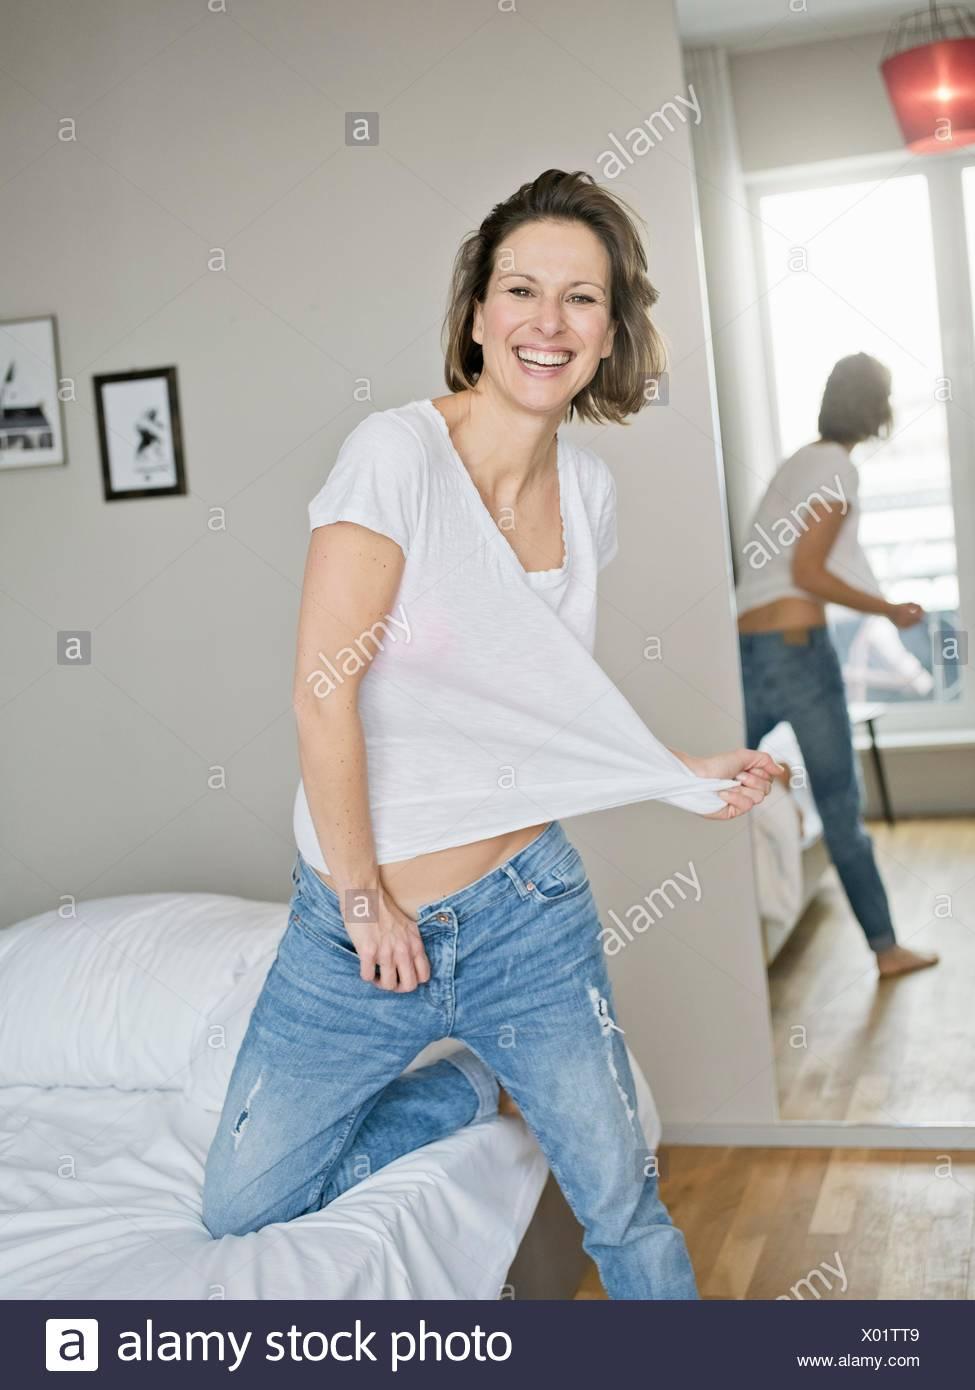 Retrato de mujer madura de rodillas en la cama tirando tshirt Imagen De Stock